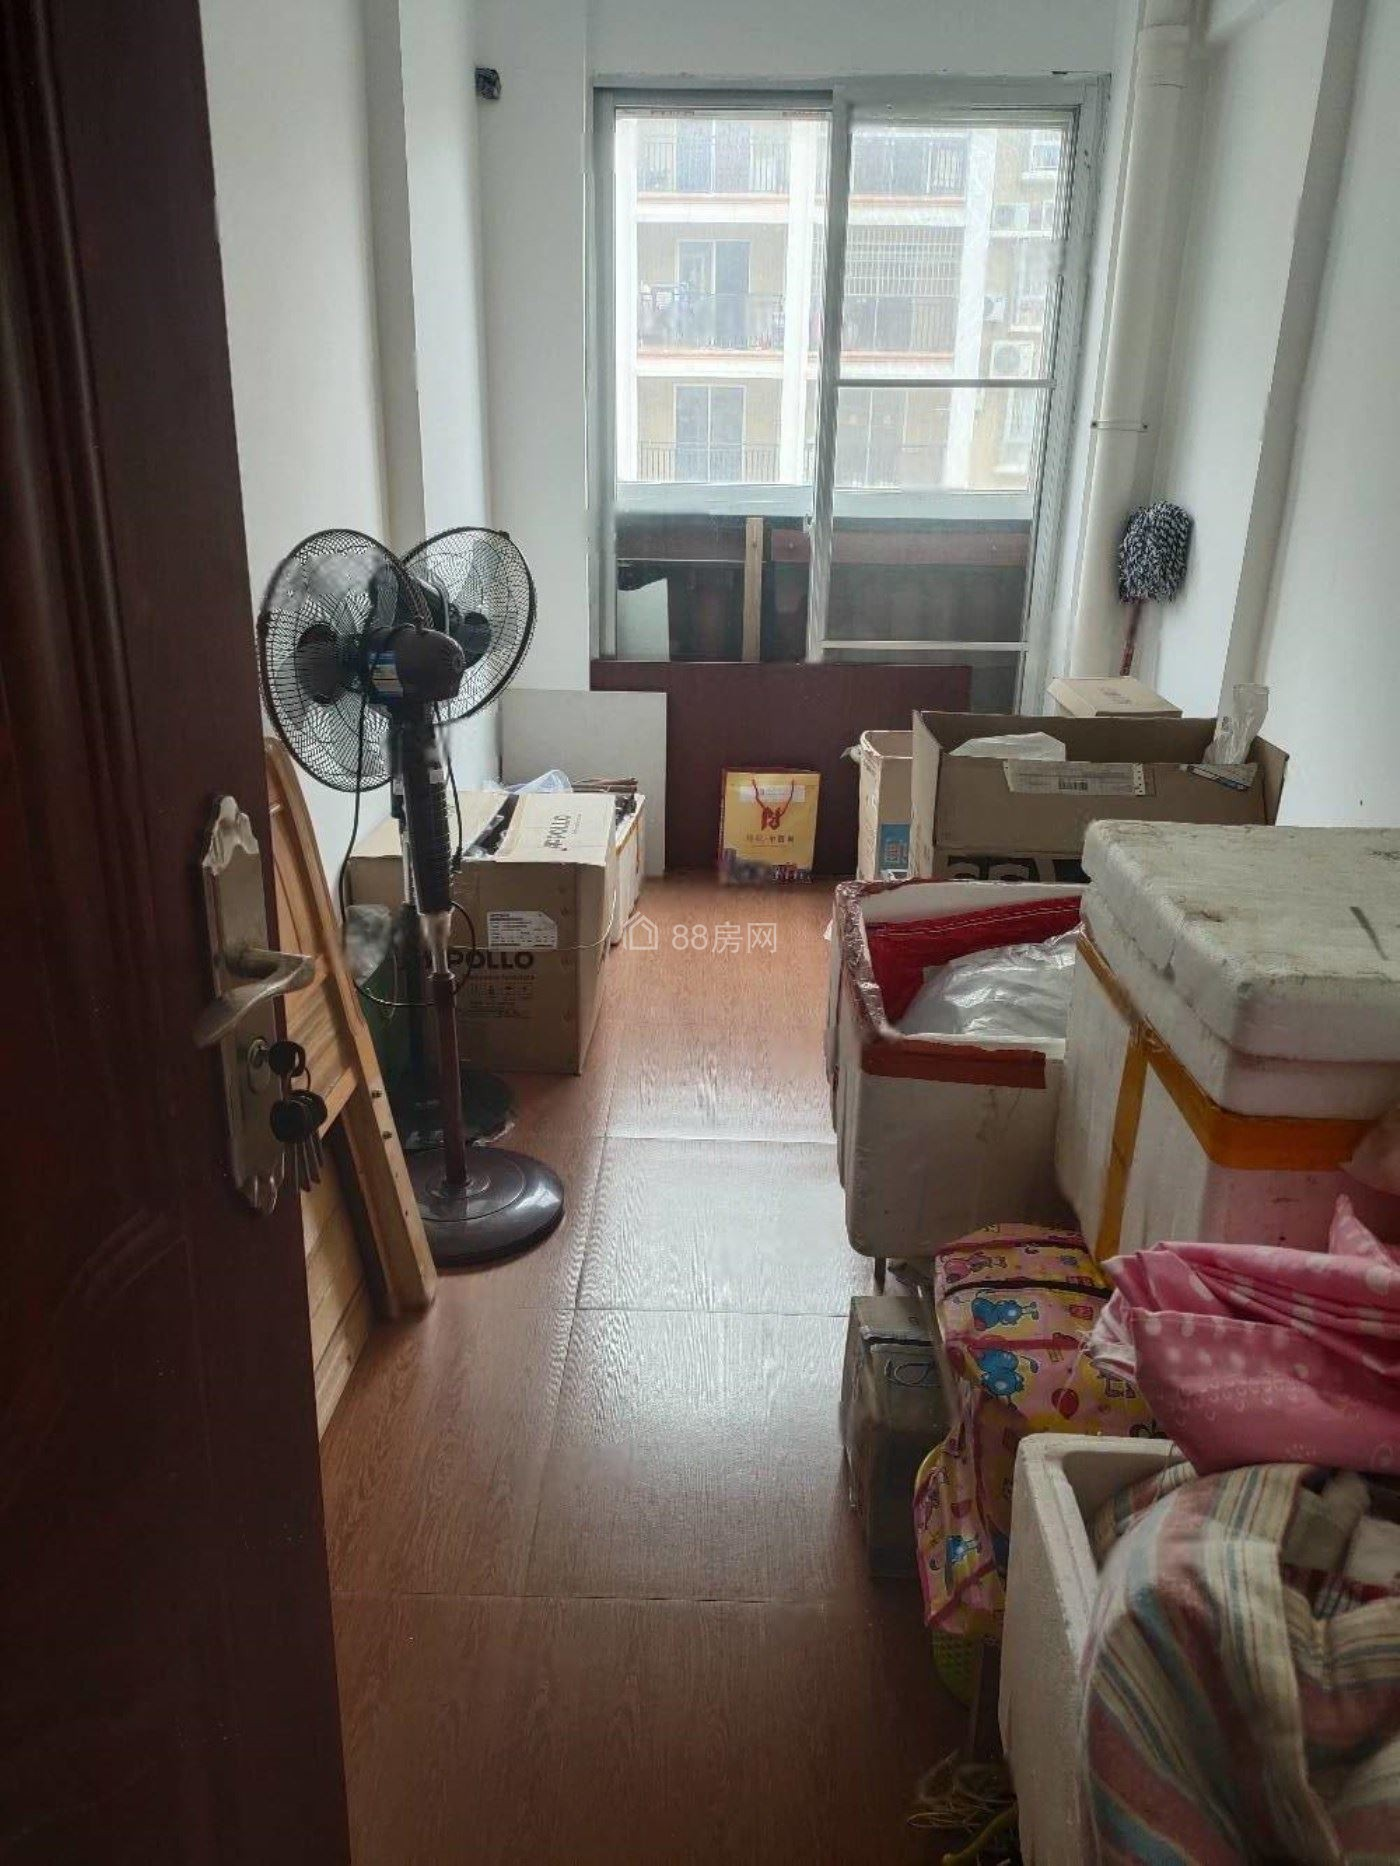 万基中央公馆 65万 4室2厅2卫 精装修好房不要错过